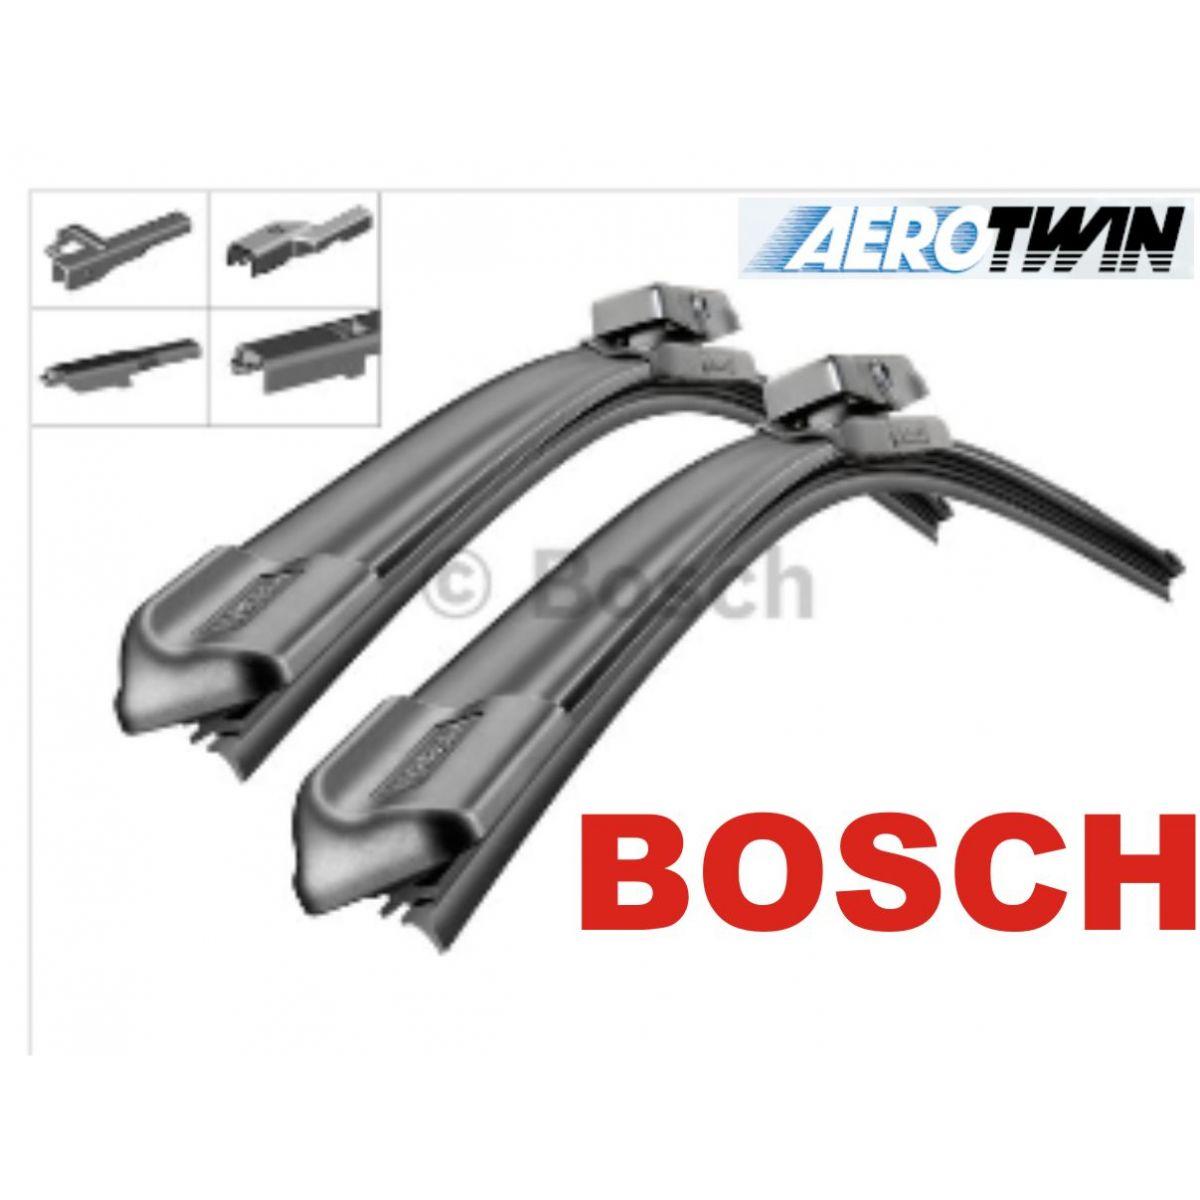 Palheta Bosch Aerotwin Plus Limpador de para brisa Bosch Série 5, M5 2003 a 2010